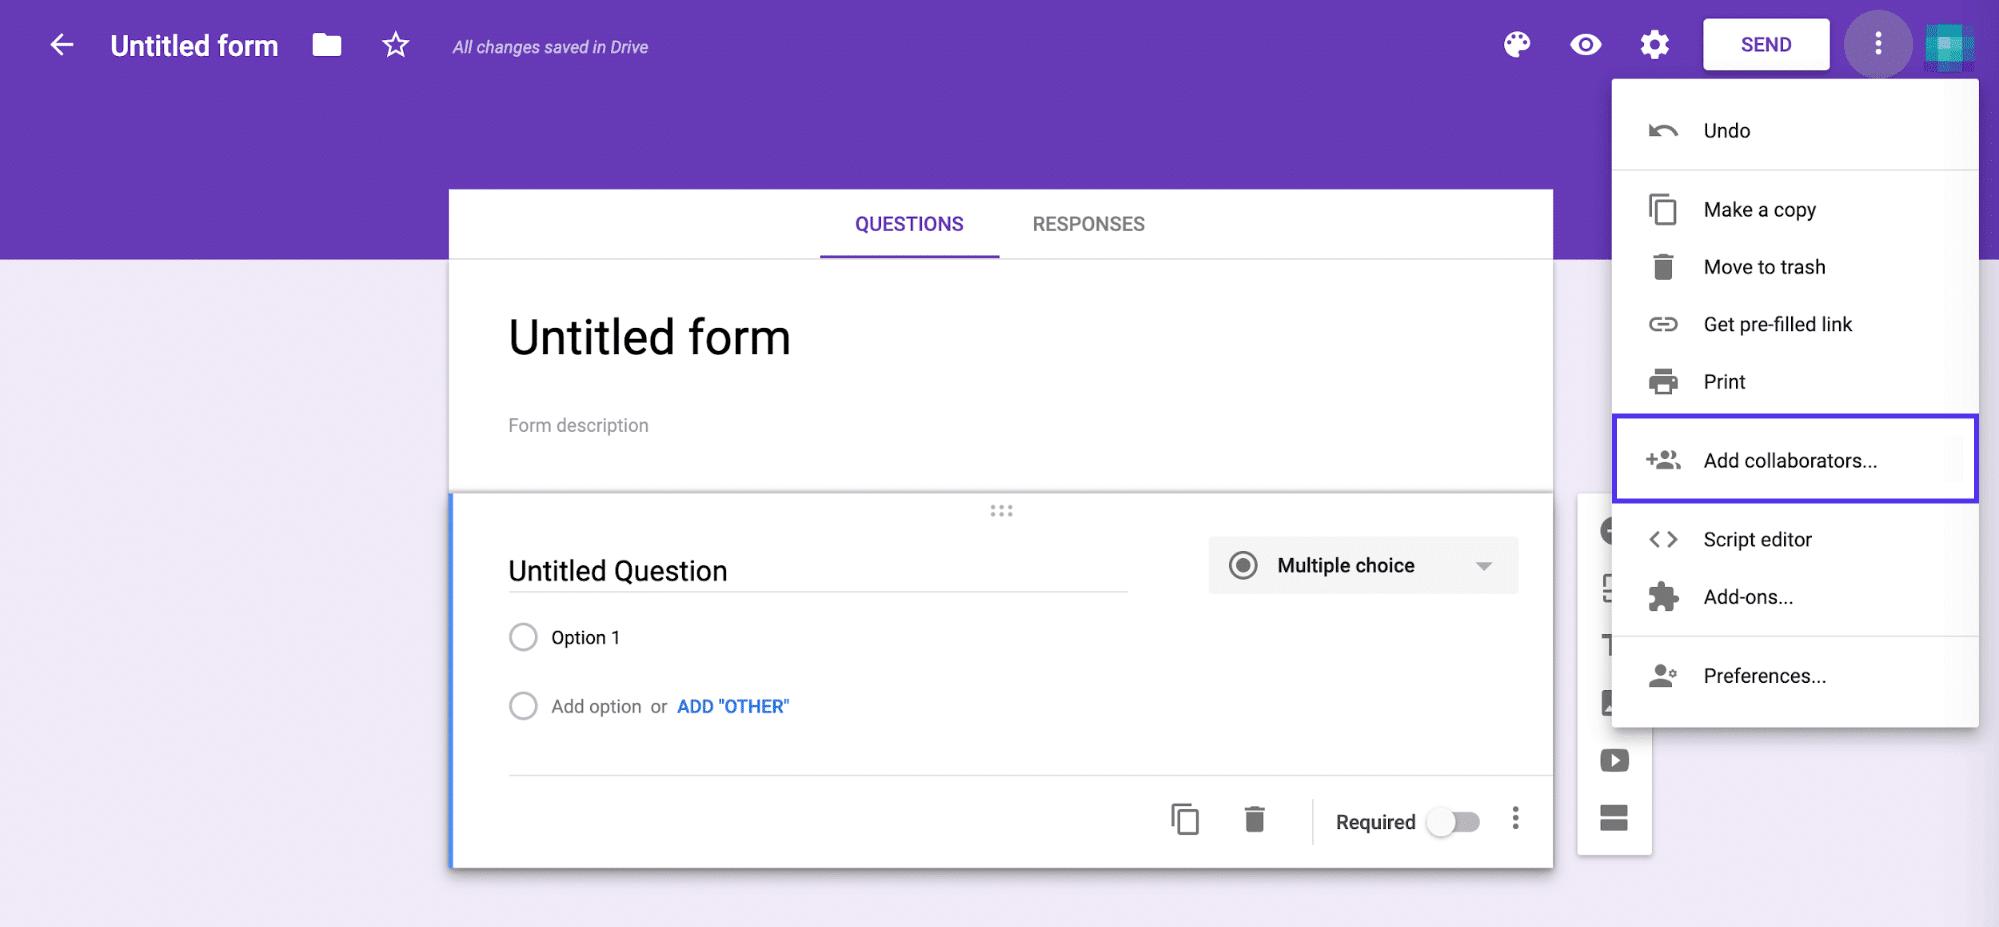 Ajouter des collaborateurs au formulaire Google